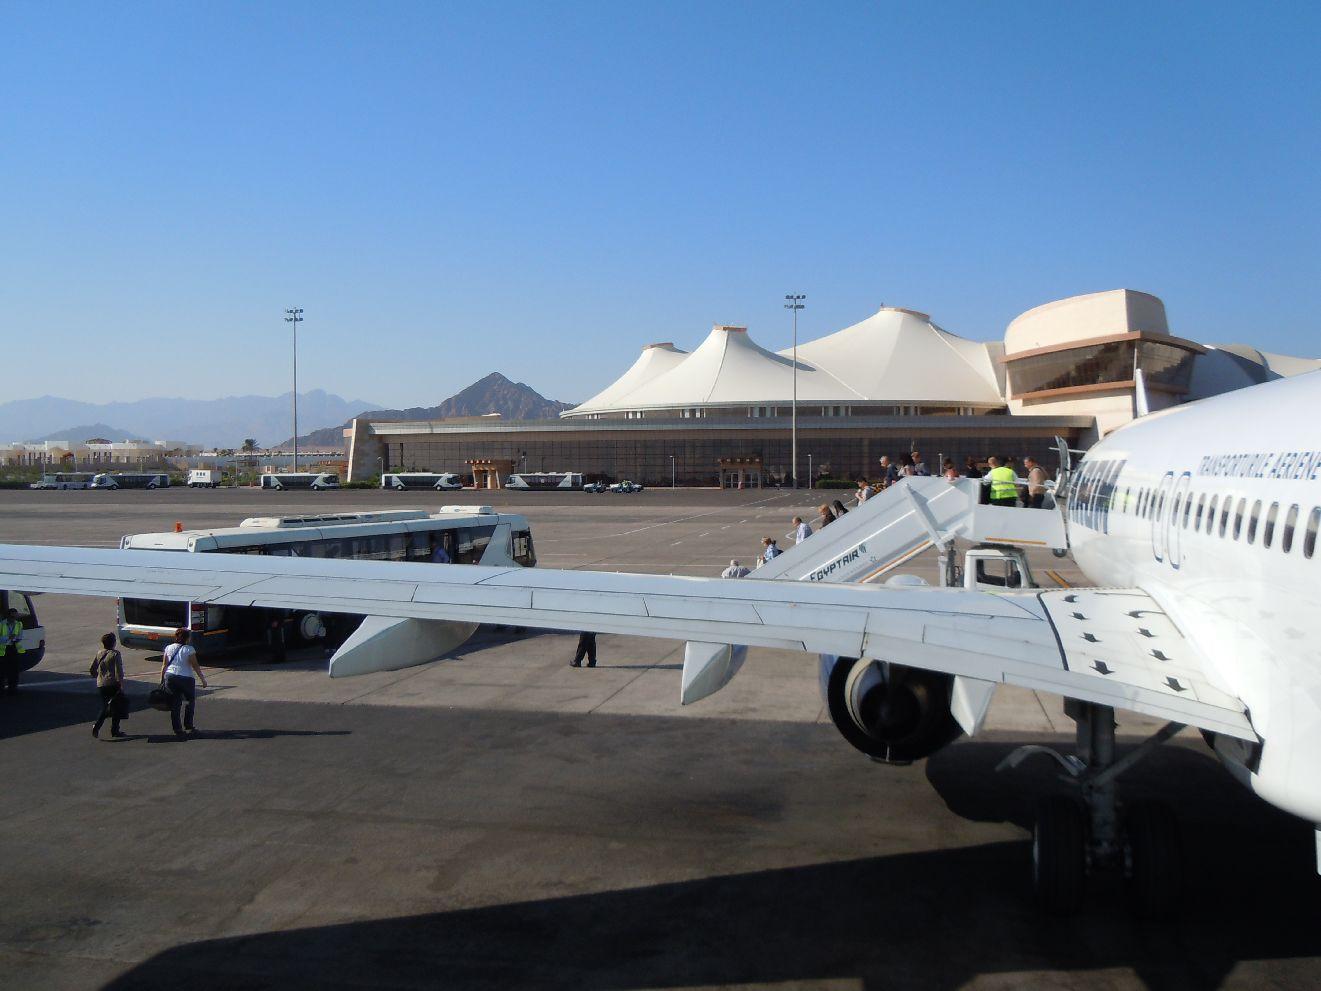 Aeroportul din Sharm el Sheikh